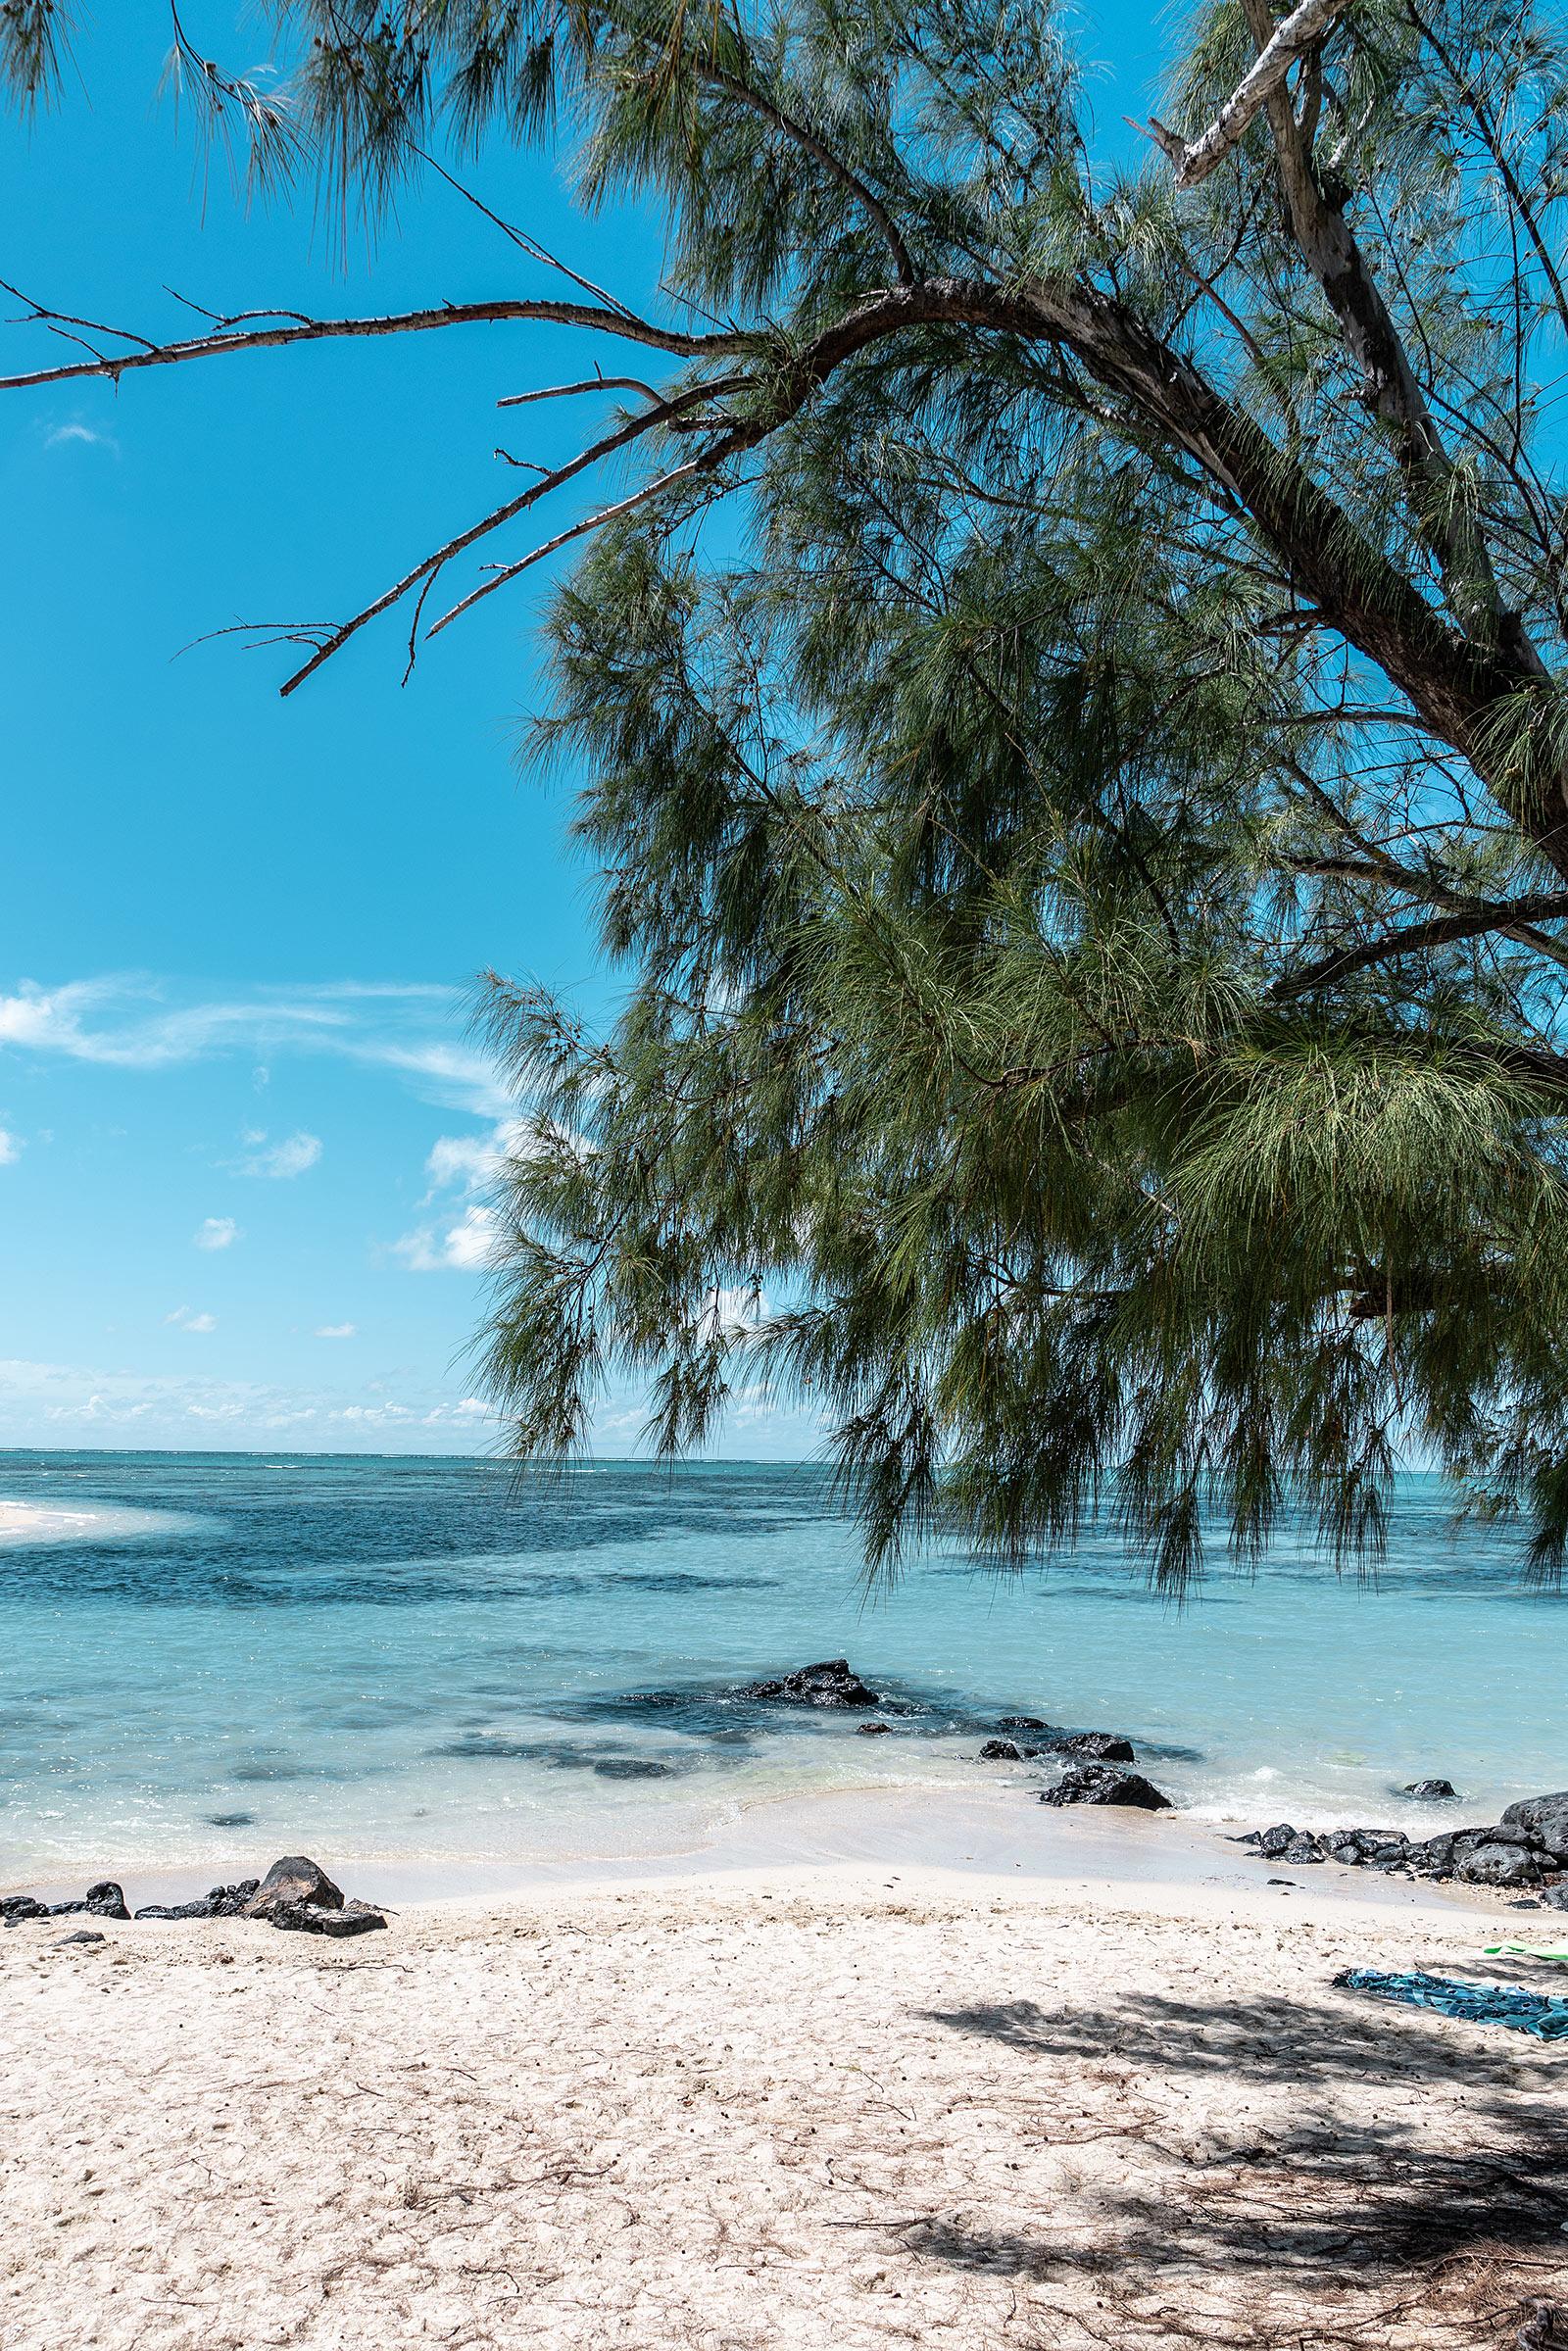 mauritius ile aux cerfs travel blog sunnyinga